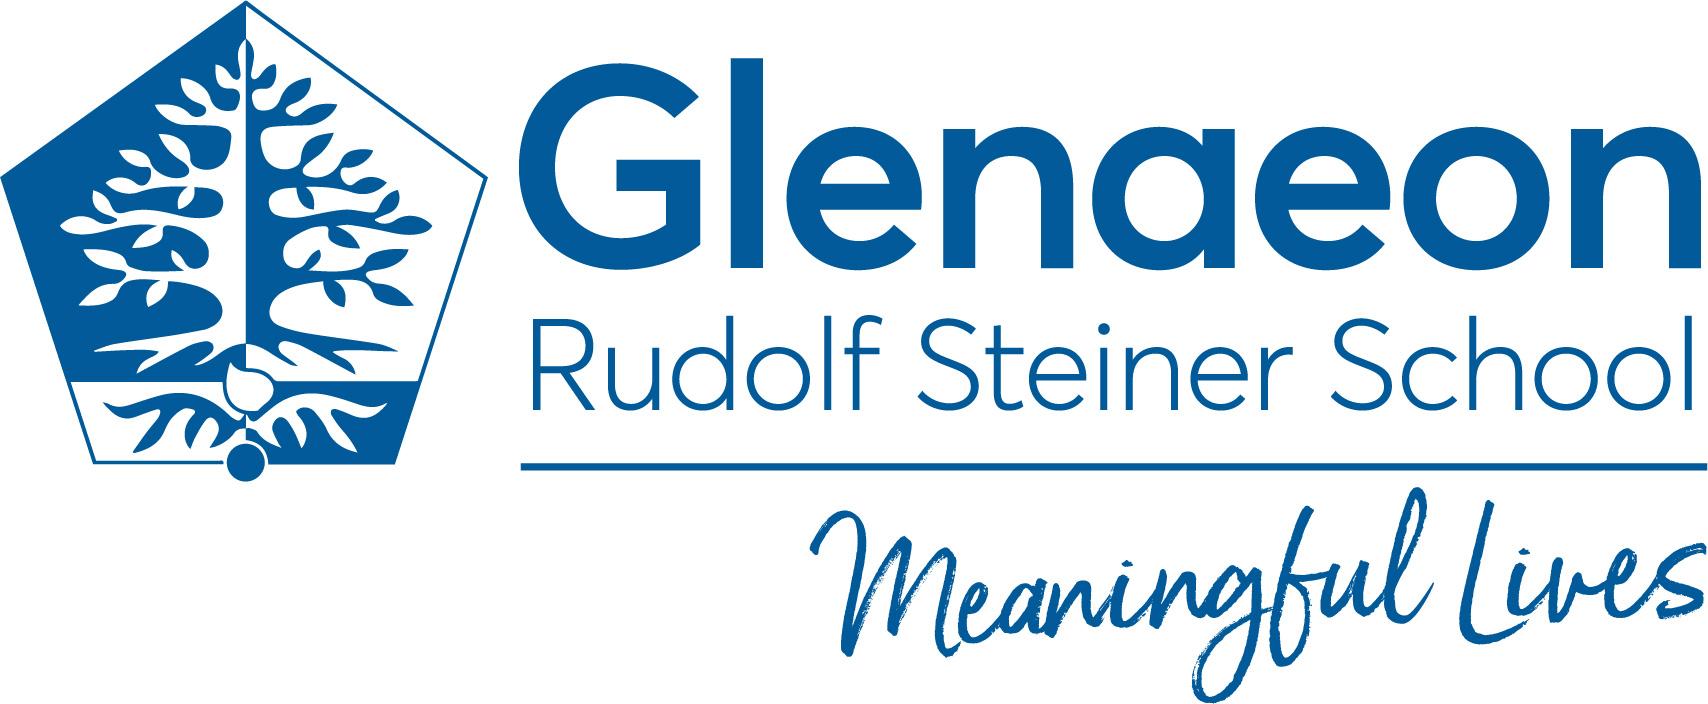 Glenaeon Rudolf Steiner School